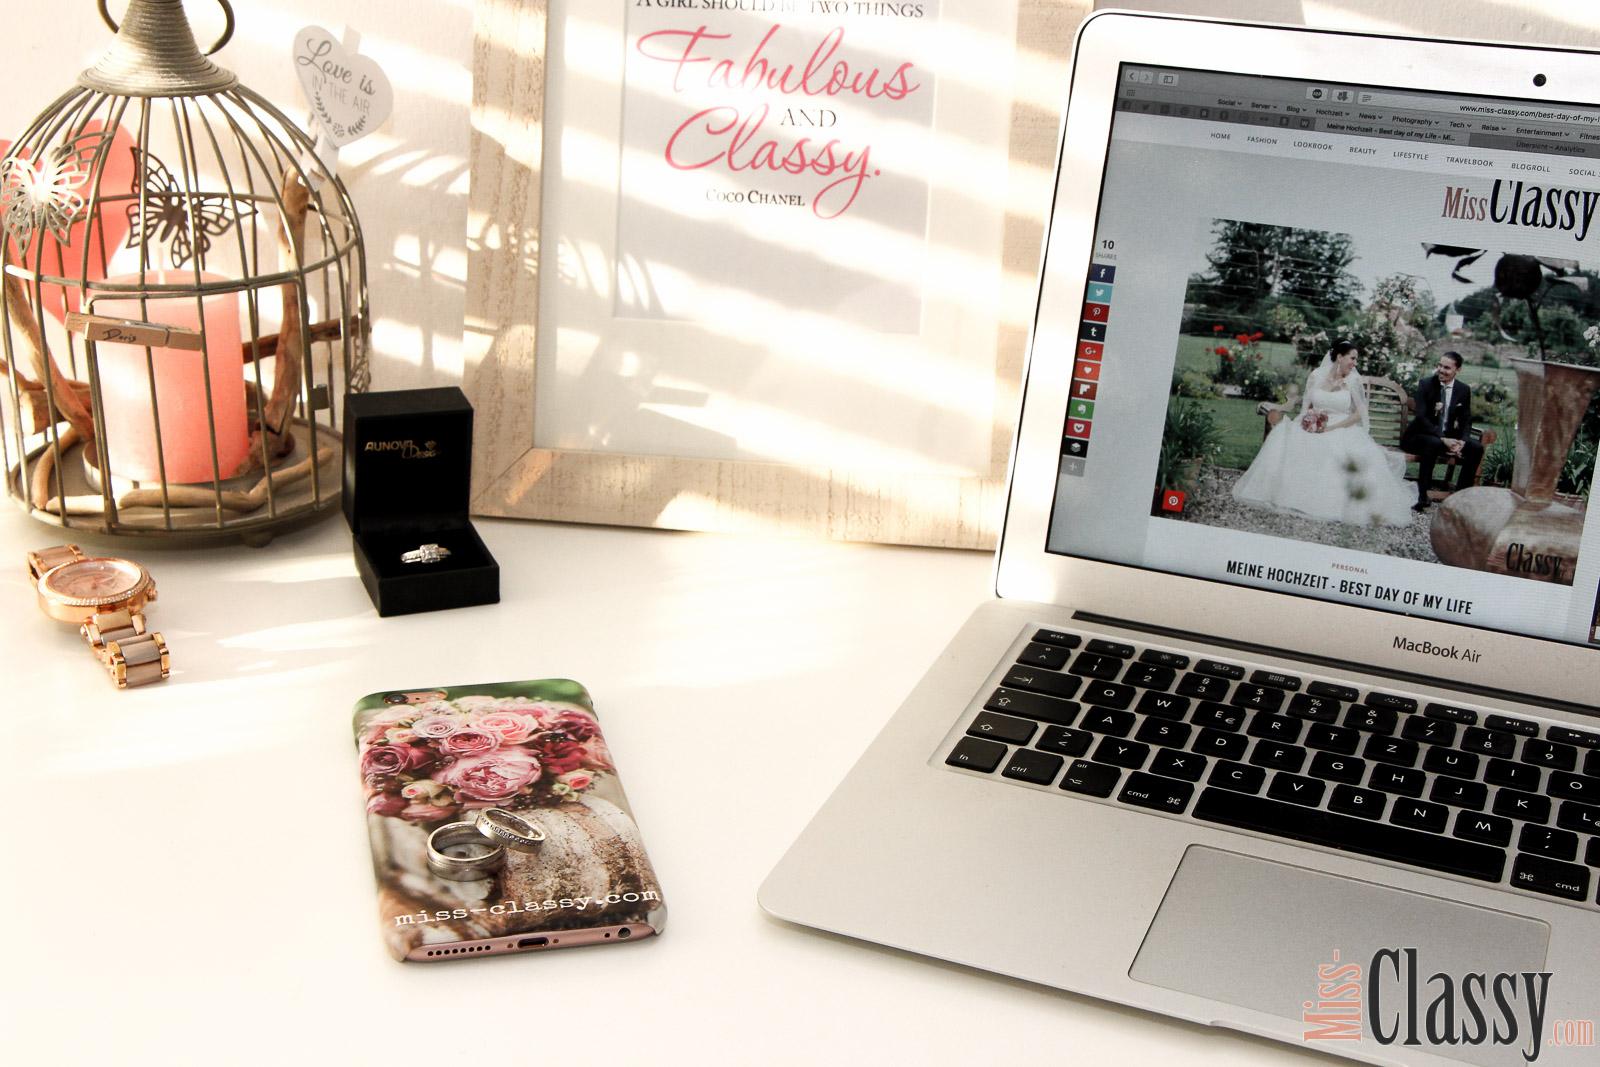 LIFESTYLE: Meine neue Handyhülle von Case App und Gewinnspiel, Miss Classy, missclassy, classy, beclassy, Lifestyleblog, Lifestyleblogger, Österreich, Austria, Steiermark, Graz, iPhone Hülle, MacBook Skin, Laptop Skin, selbst gestalten, kreativ